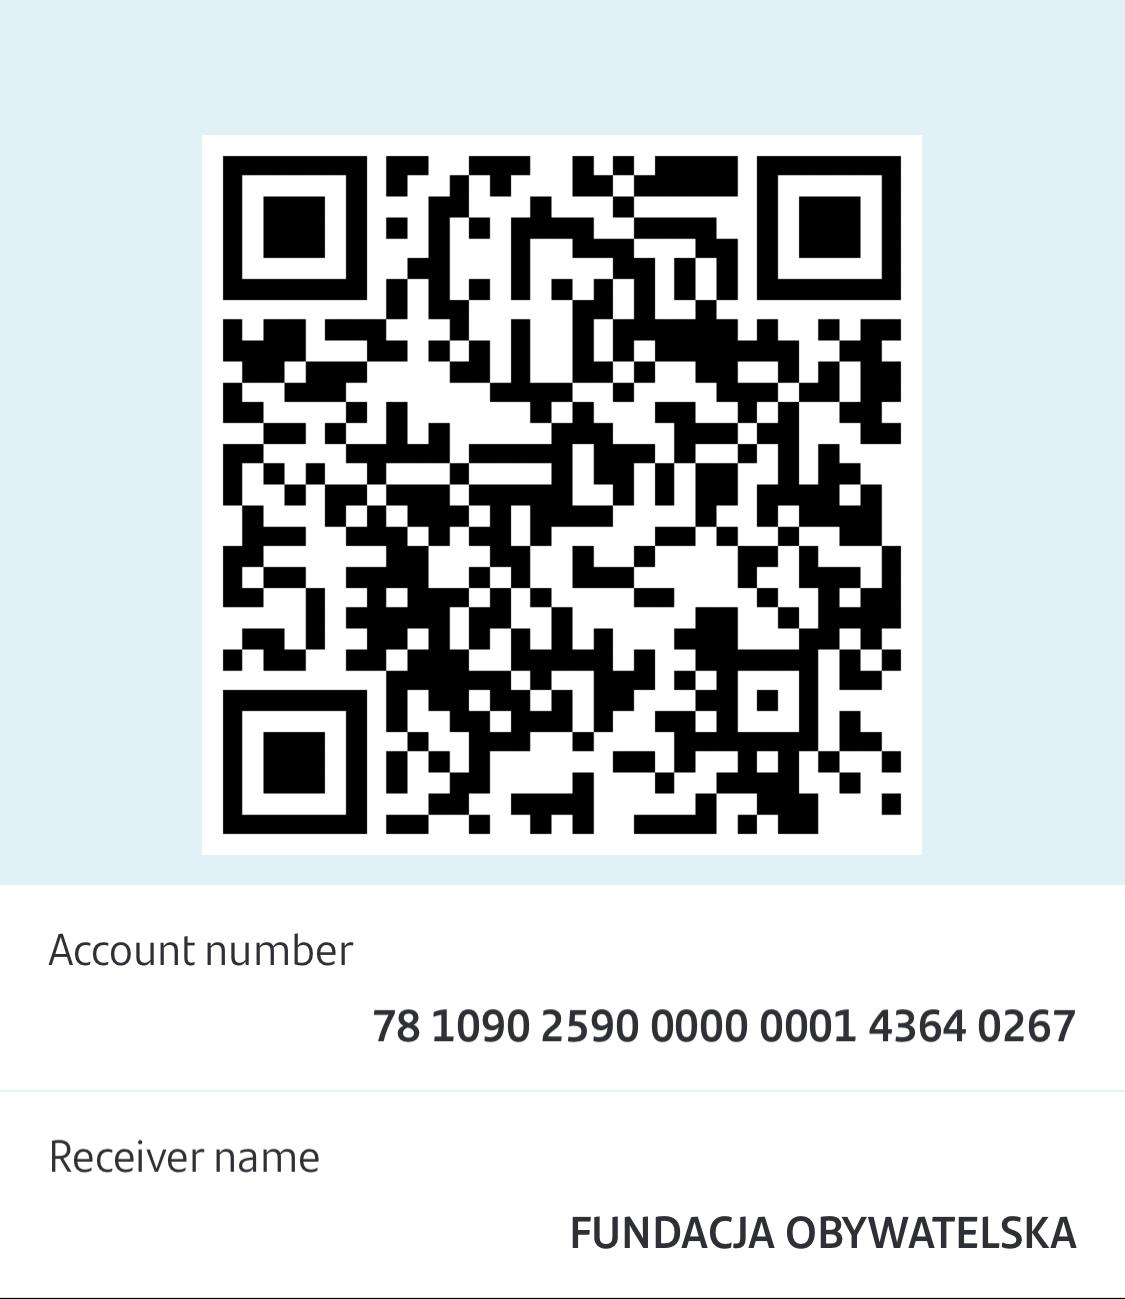 bd2bf02c1e592bc7.png